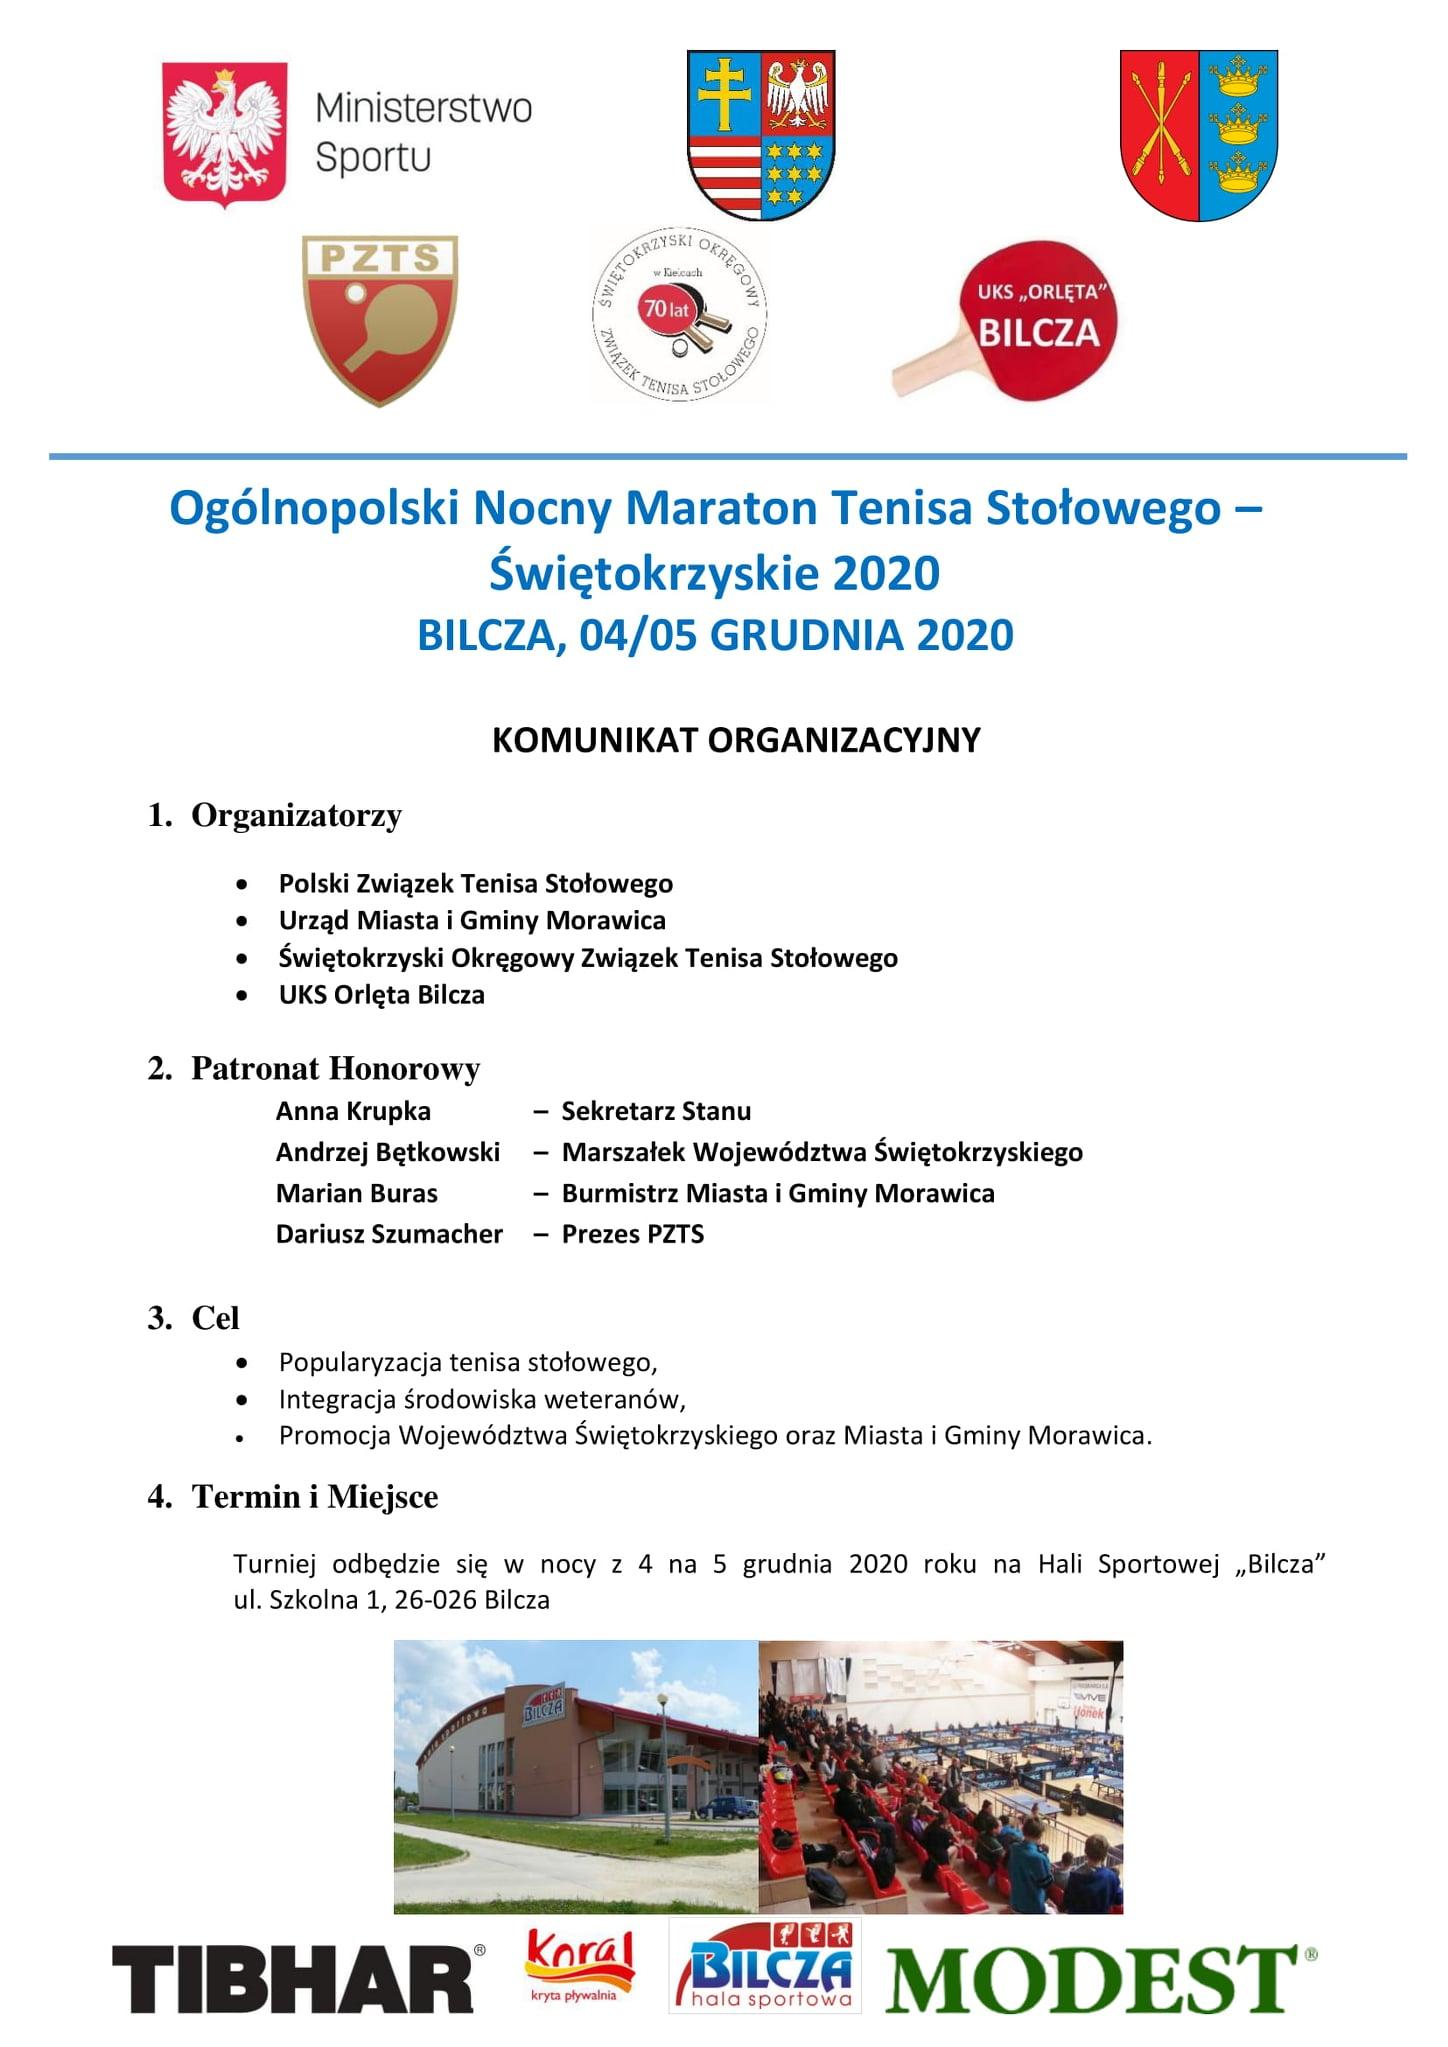 Plakat turnieju Ogólnopolski Nocny Maraton Tenisa Stołowego - Świętokrzyskie 2020